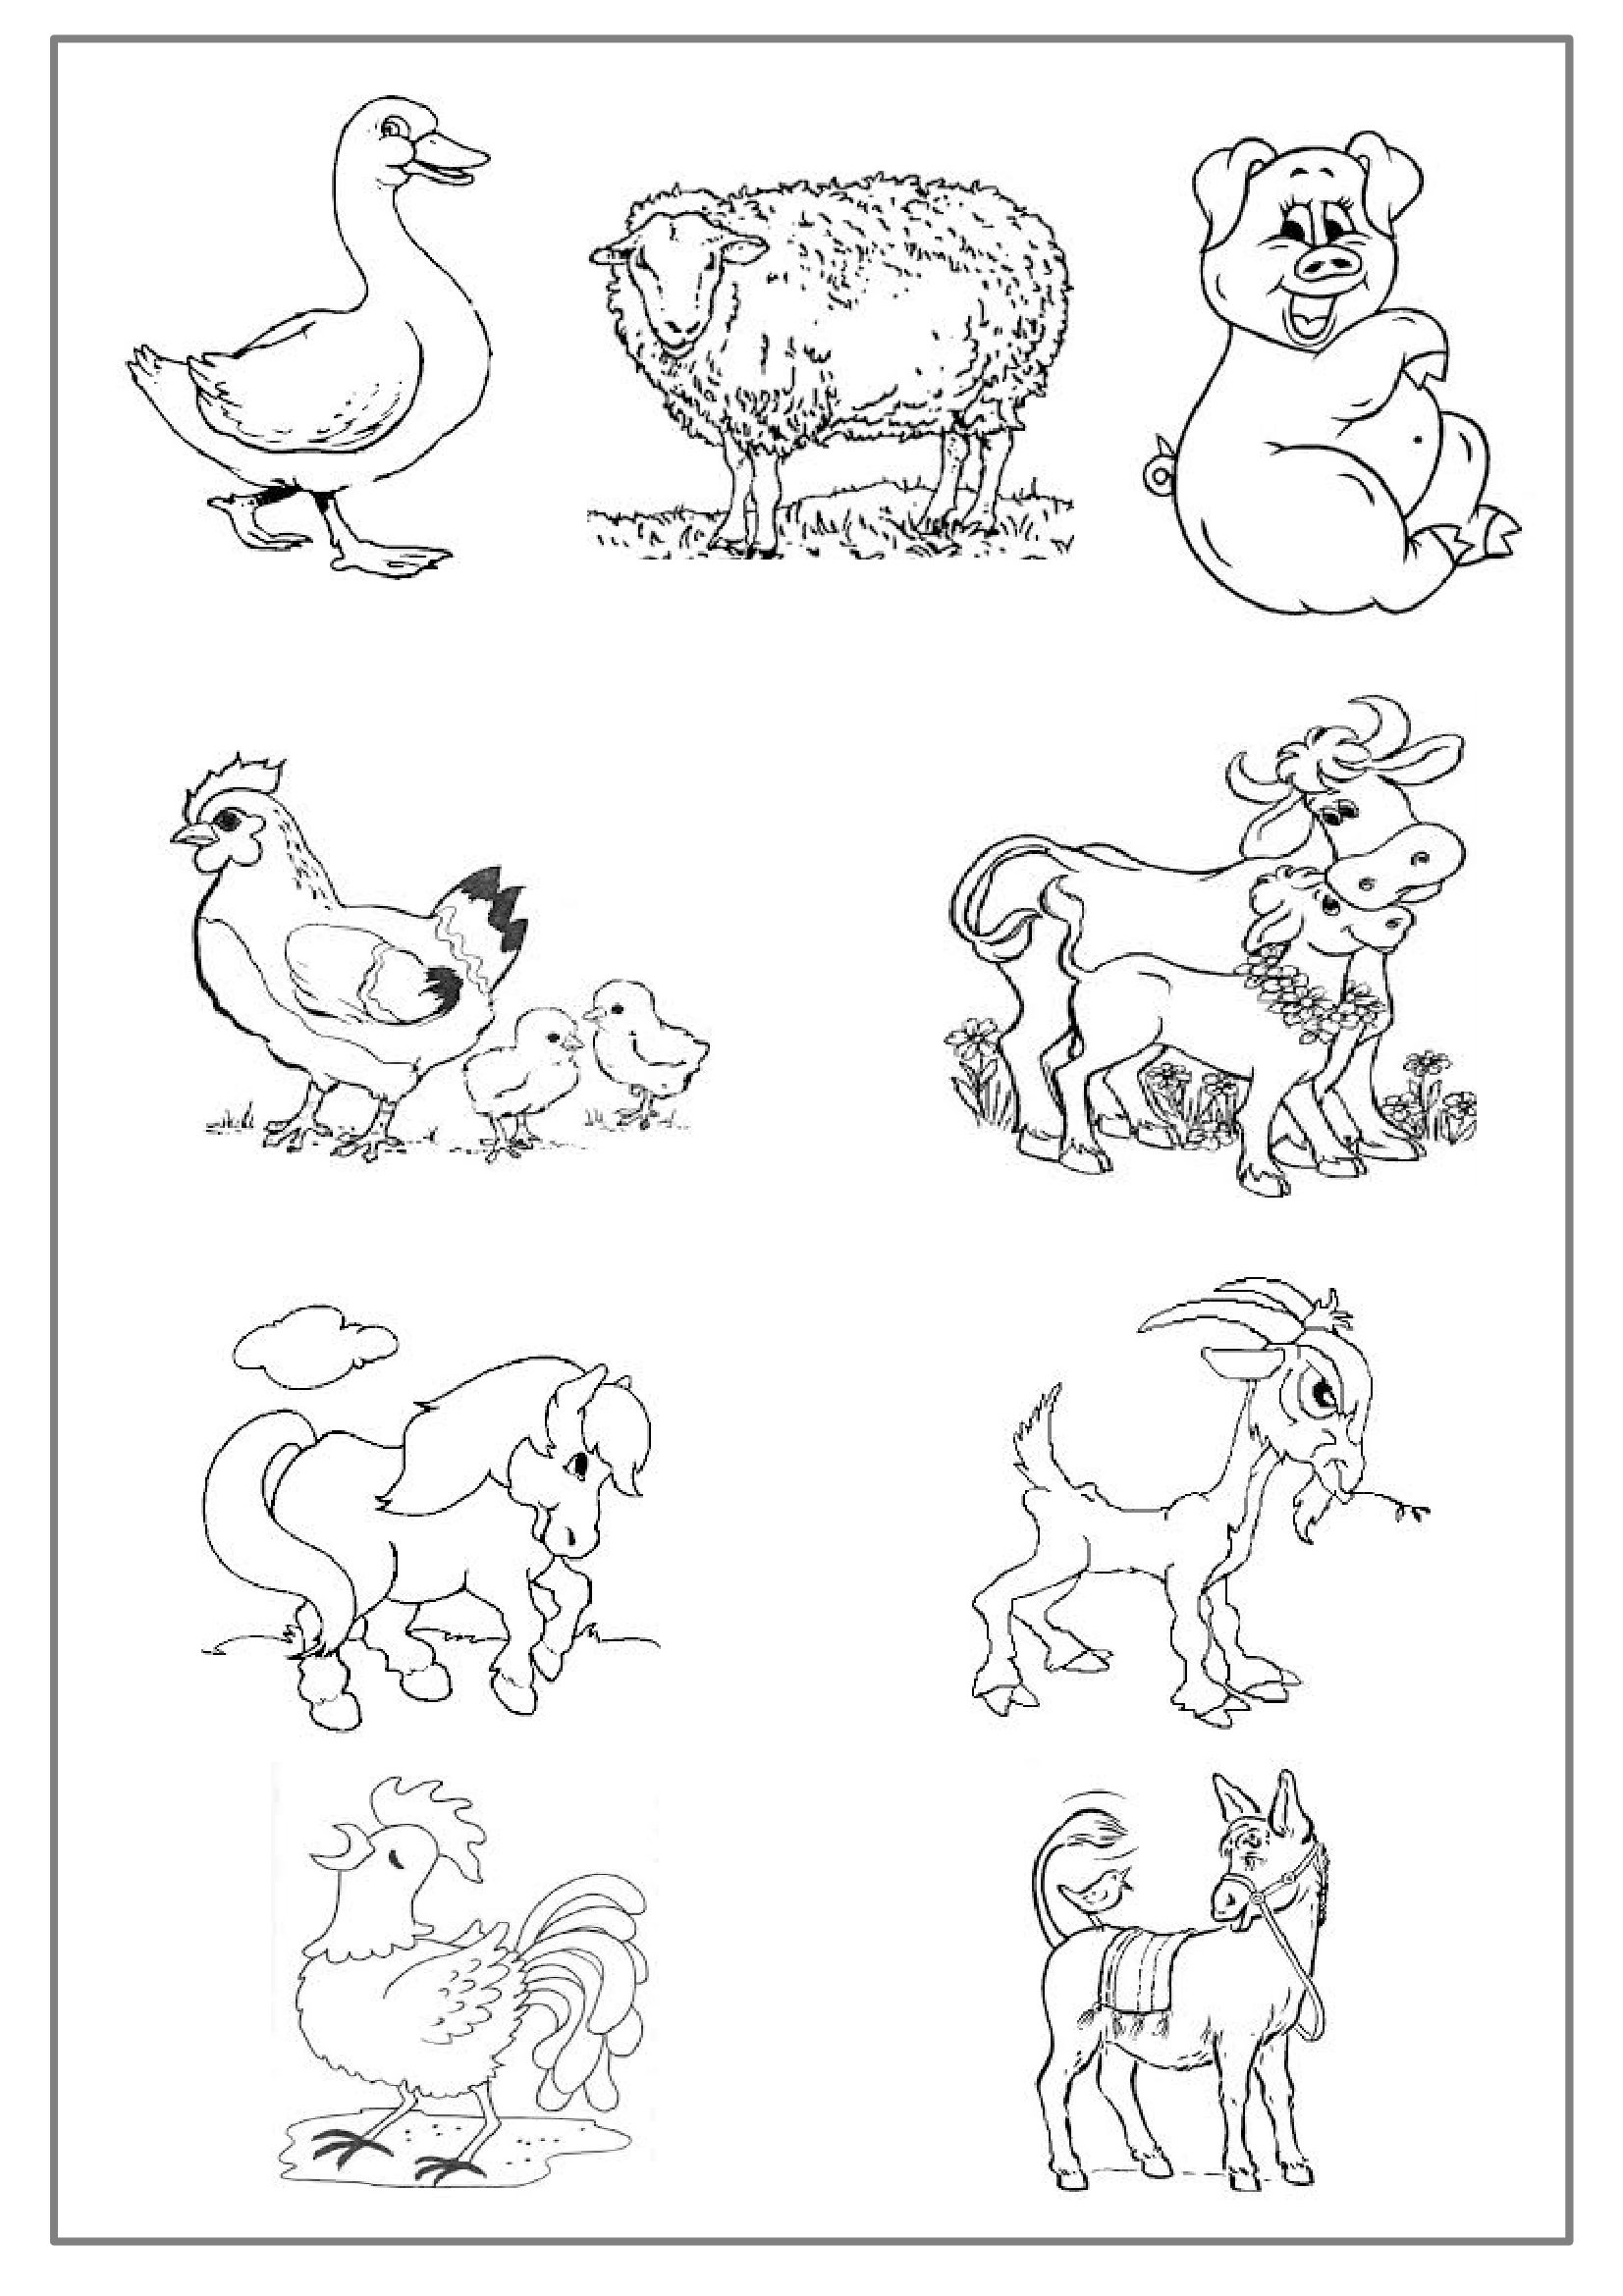 Animaux De La Ferme #31 (Animaux) – Coloriages À Imprimer destiné Animaux De La Ferme A Imprimer